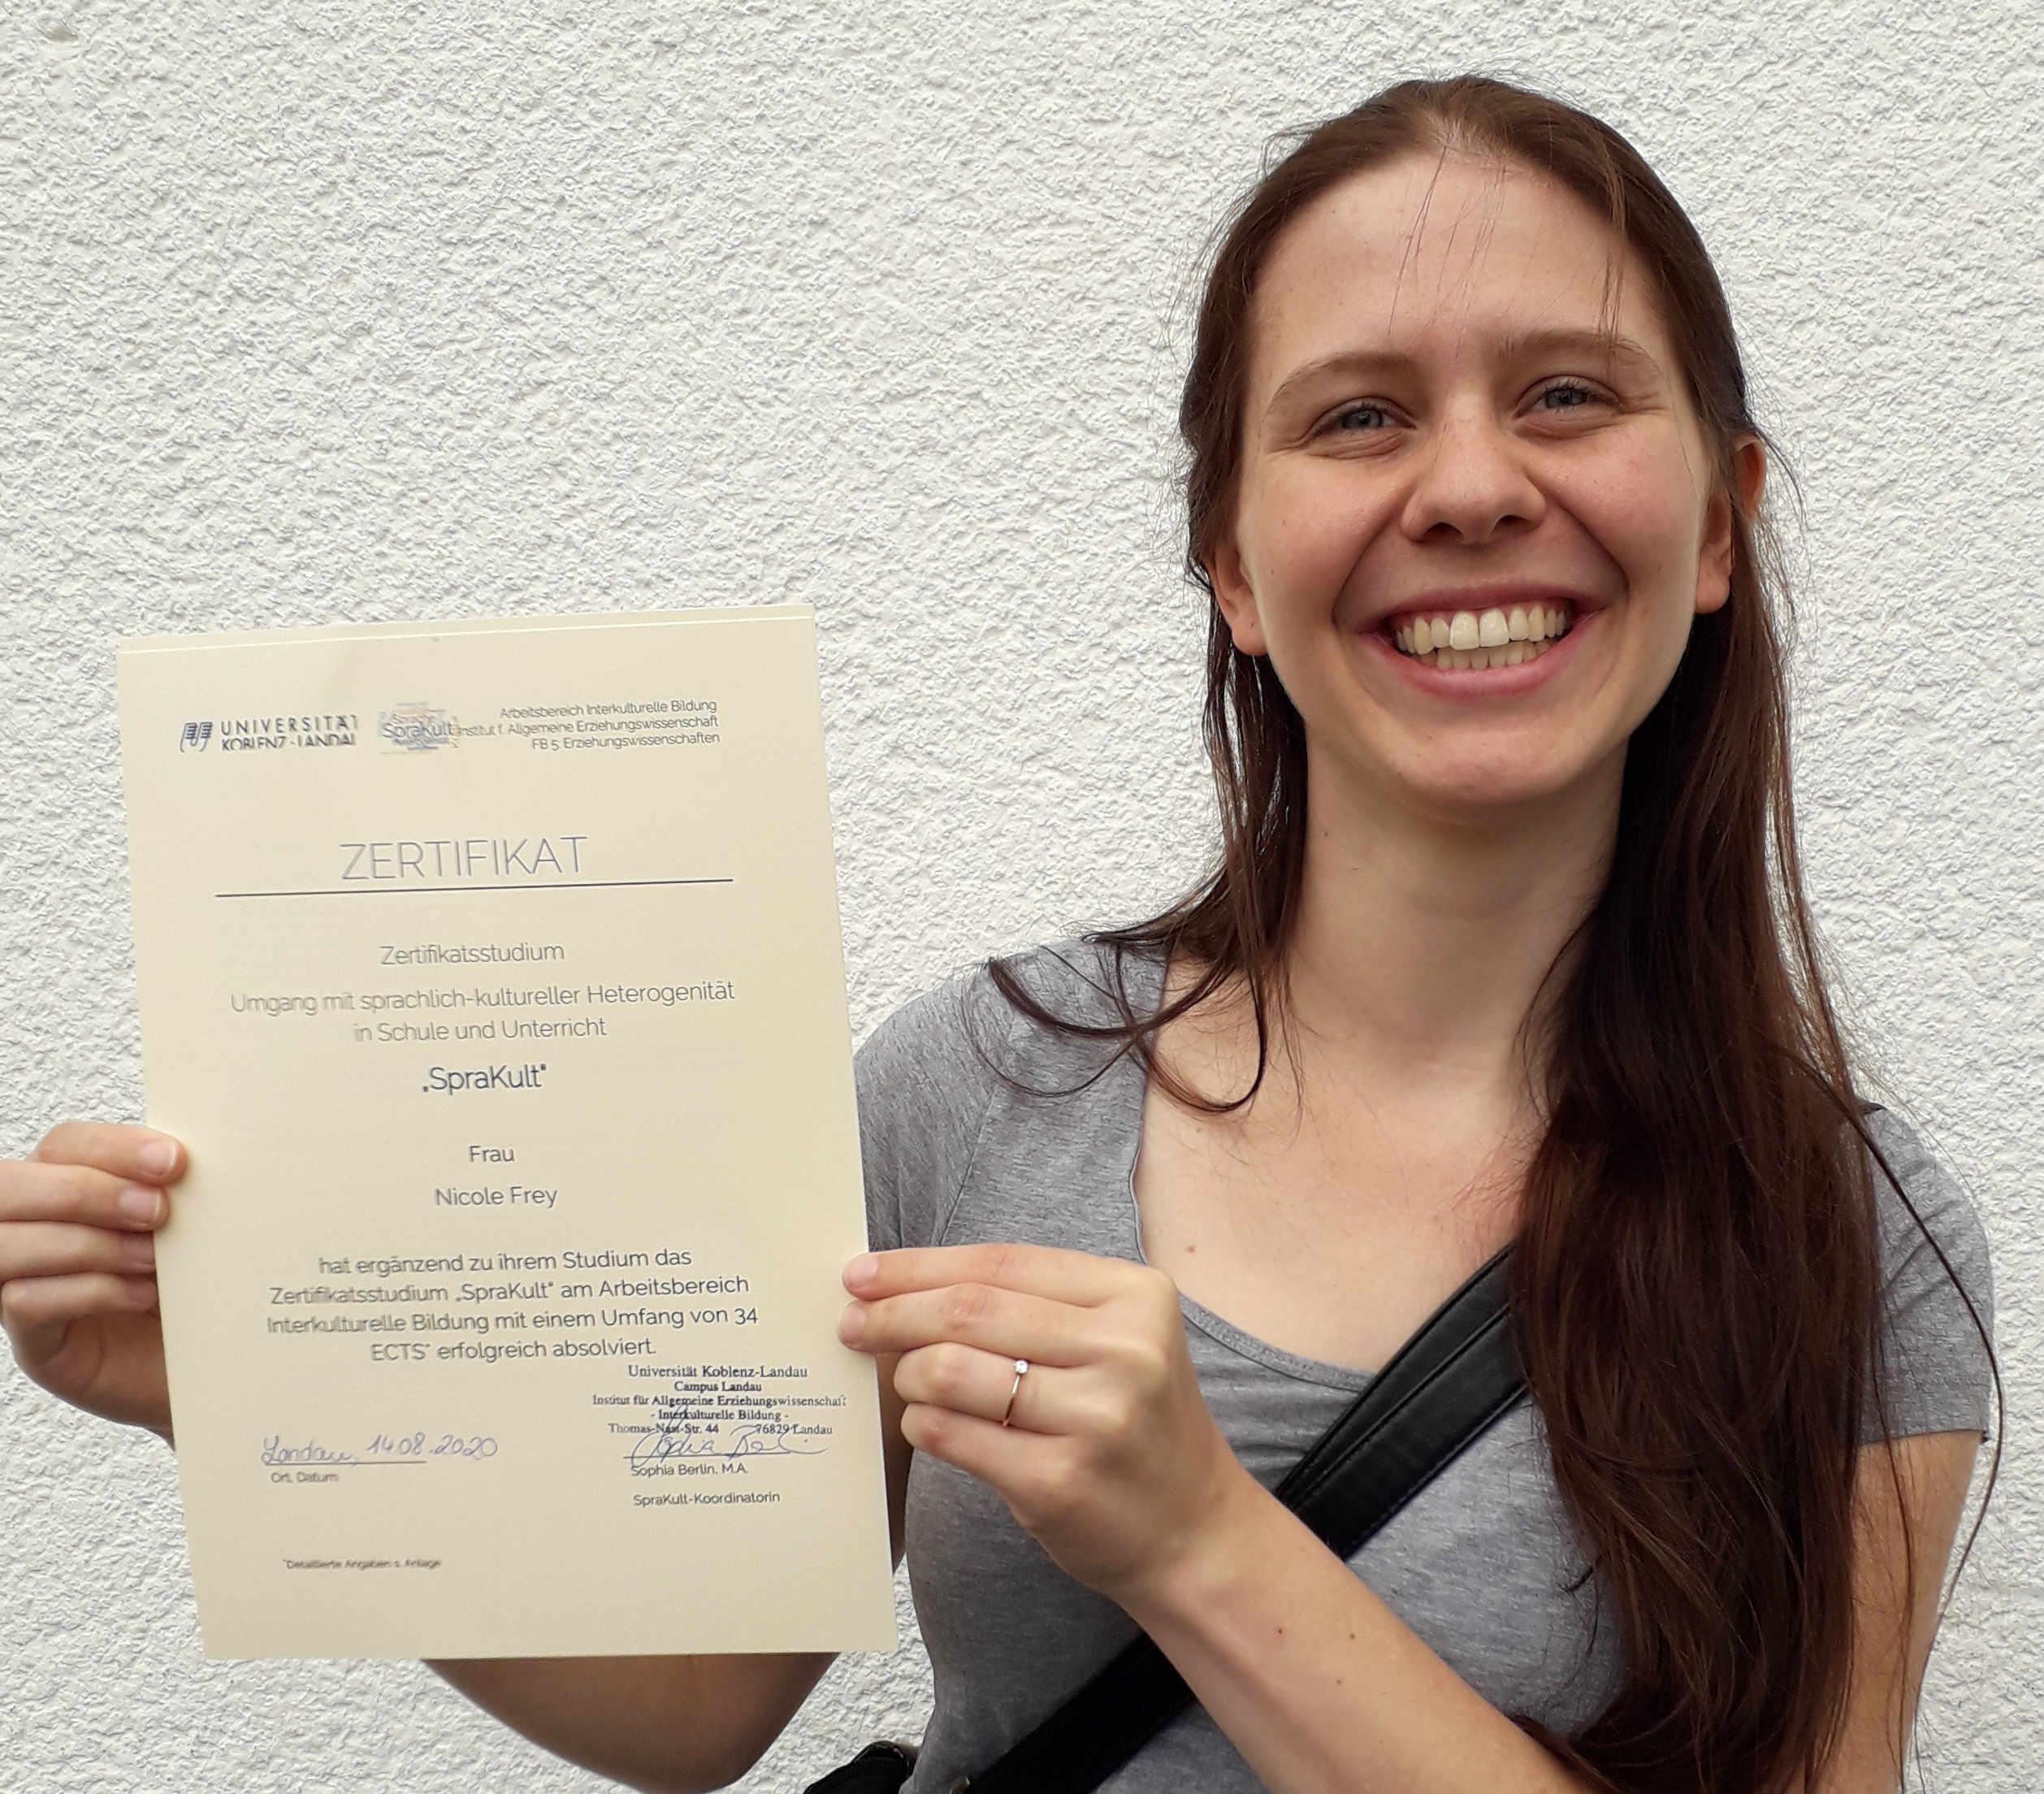 Verleihung Zertifikatsurkunde Frau Frey